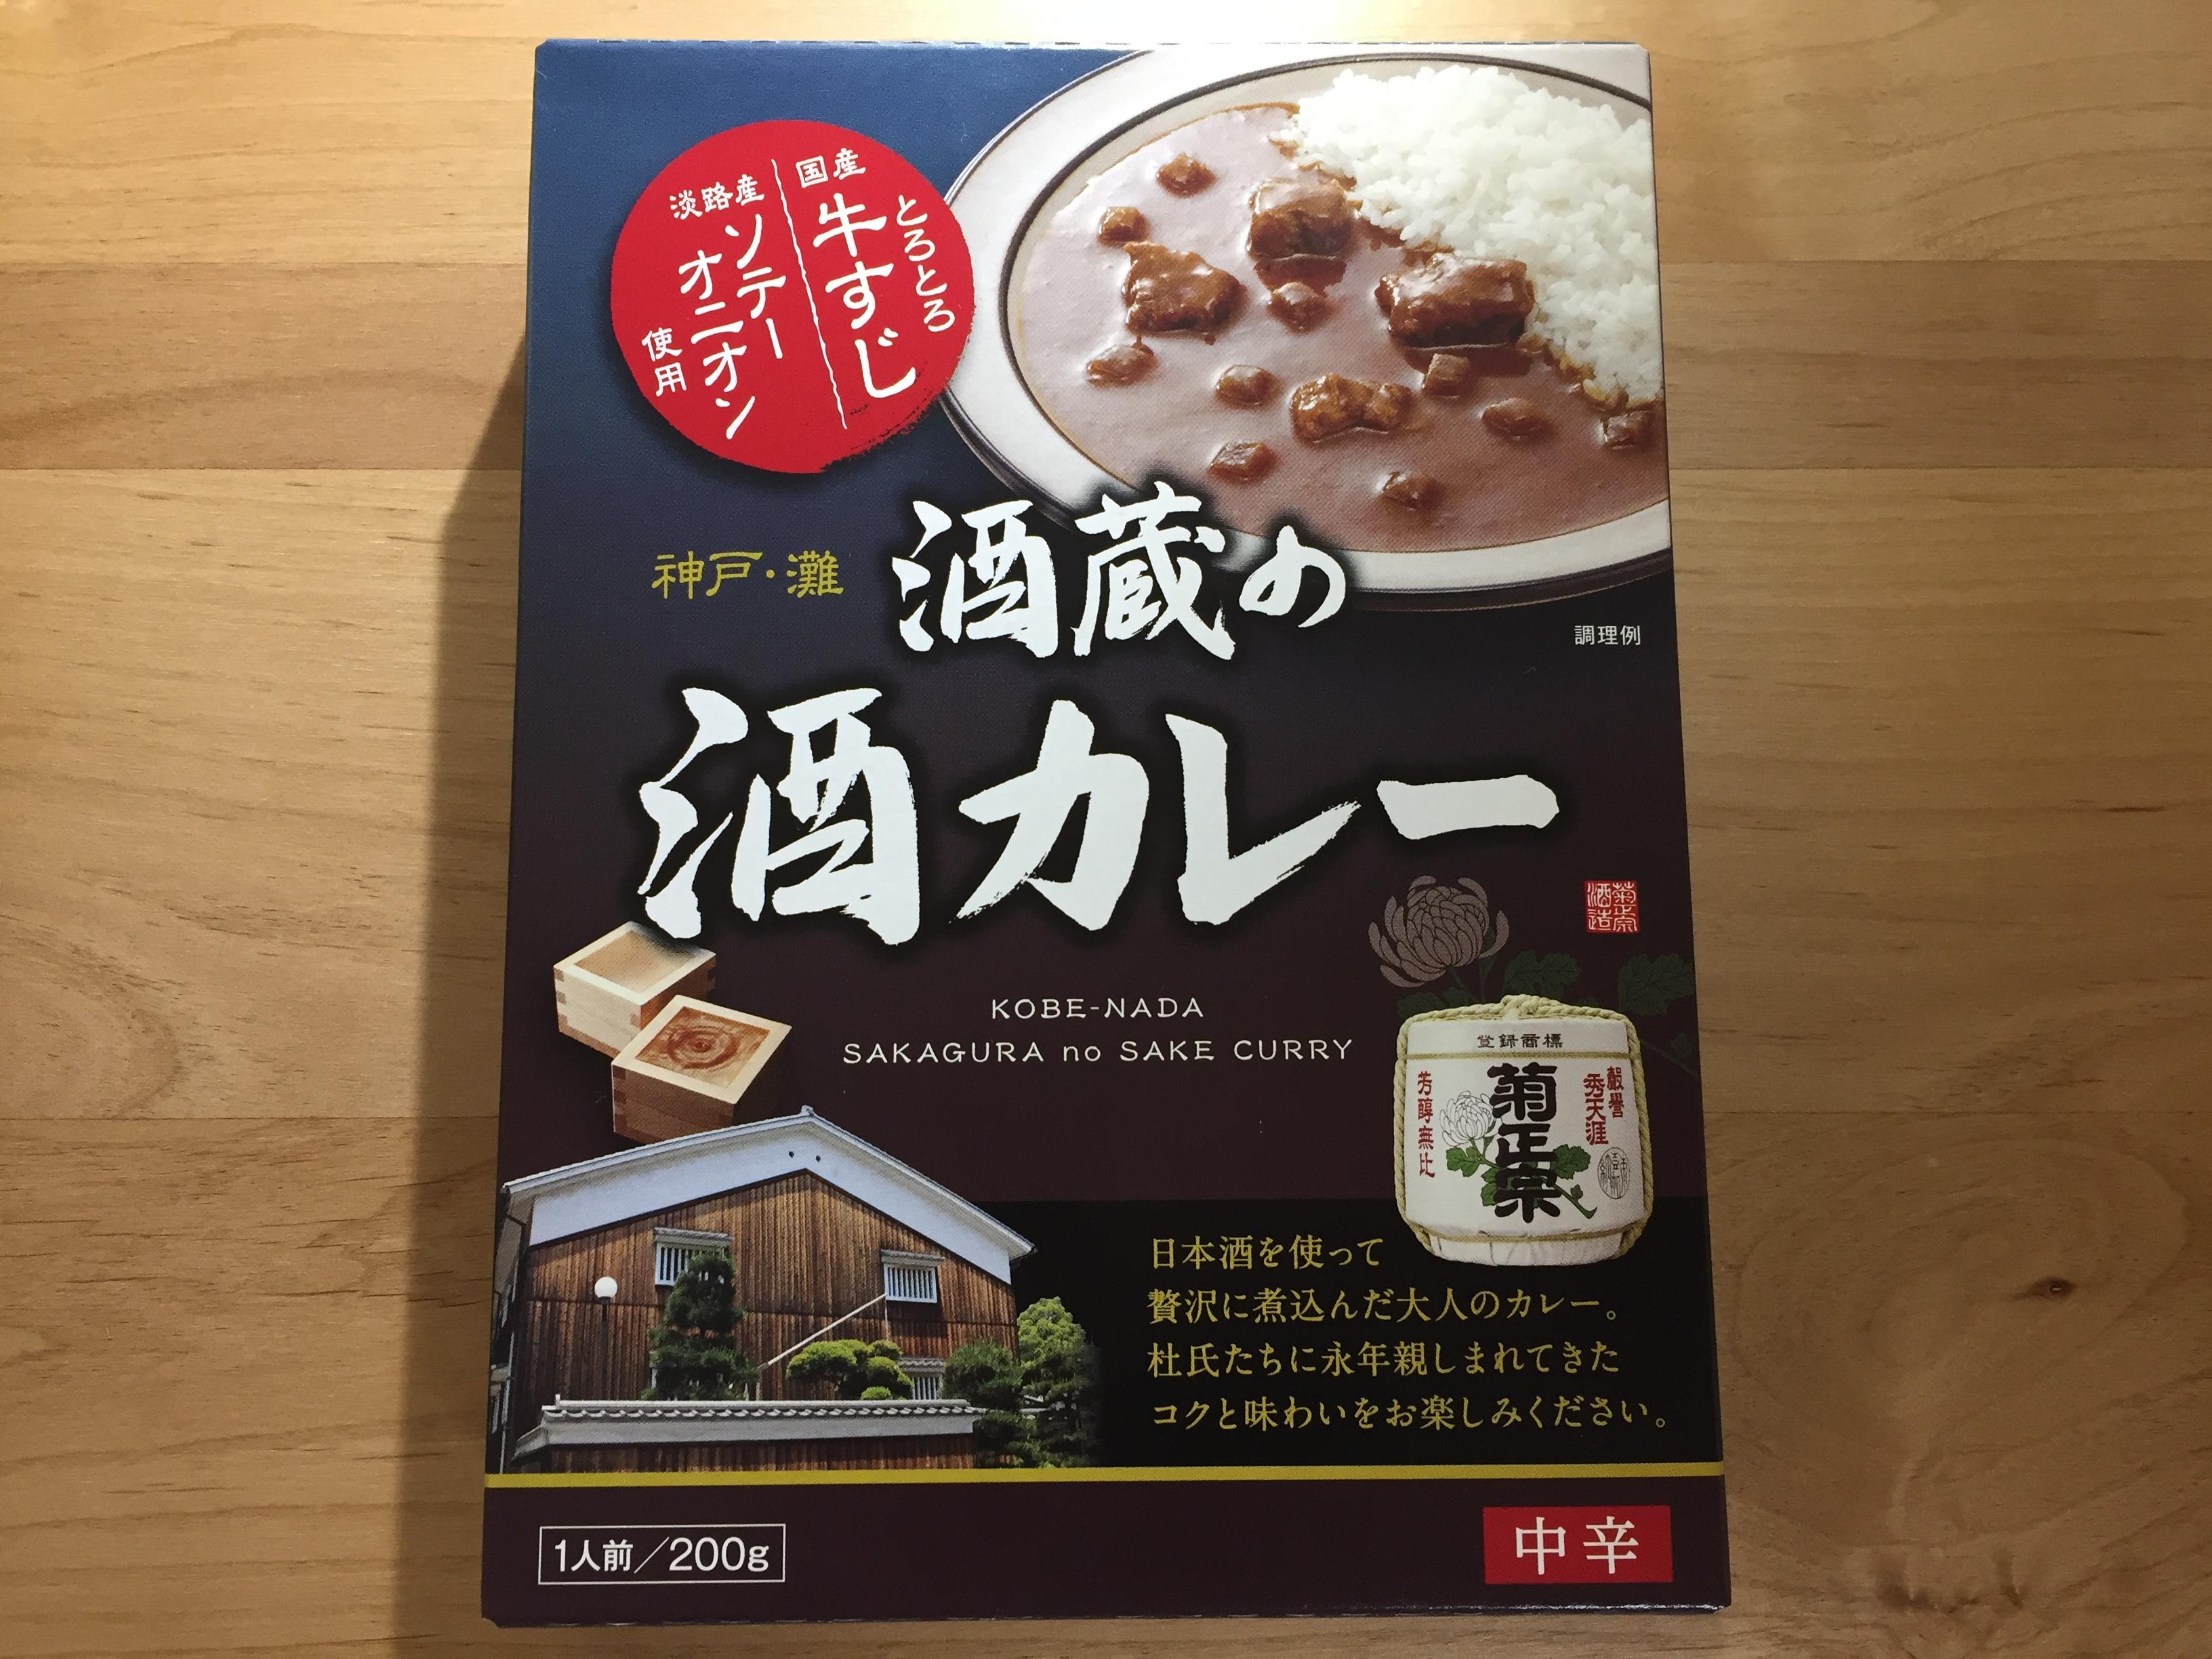 菊正宗の「酒蔵の酒カレー」を食してみた!【※写真付き食レポあり※】